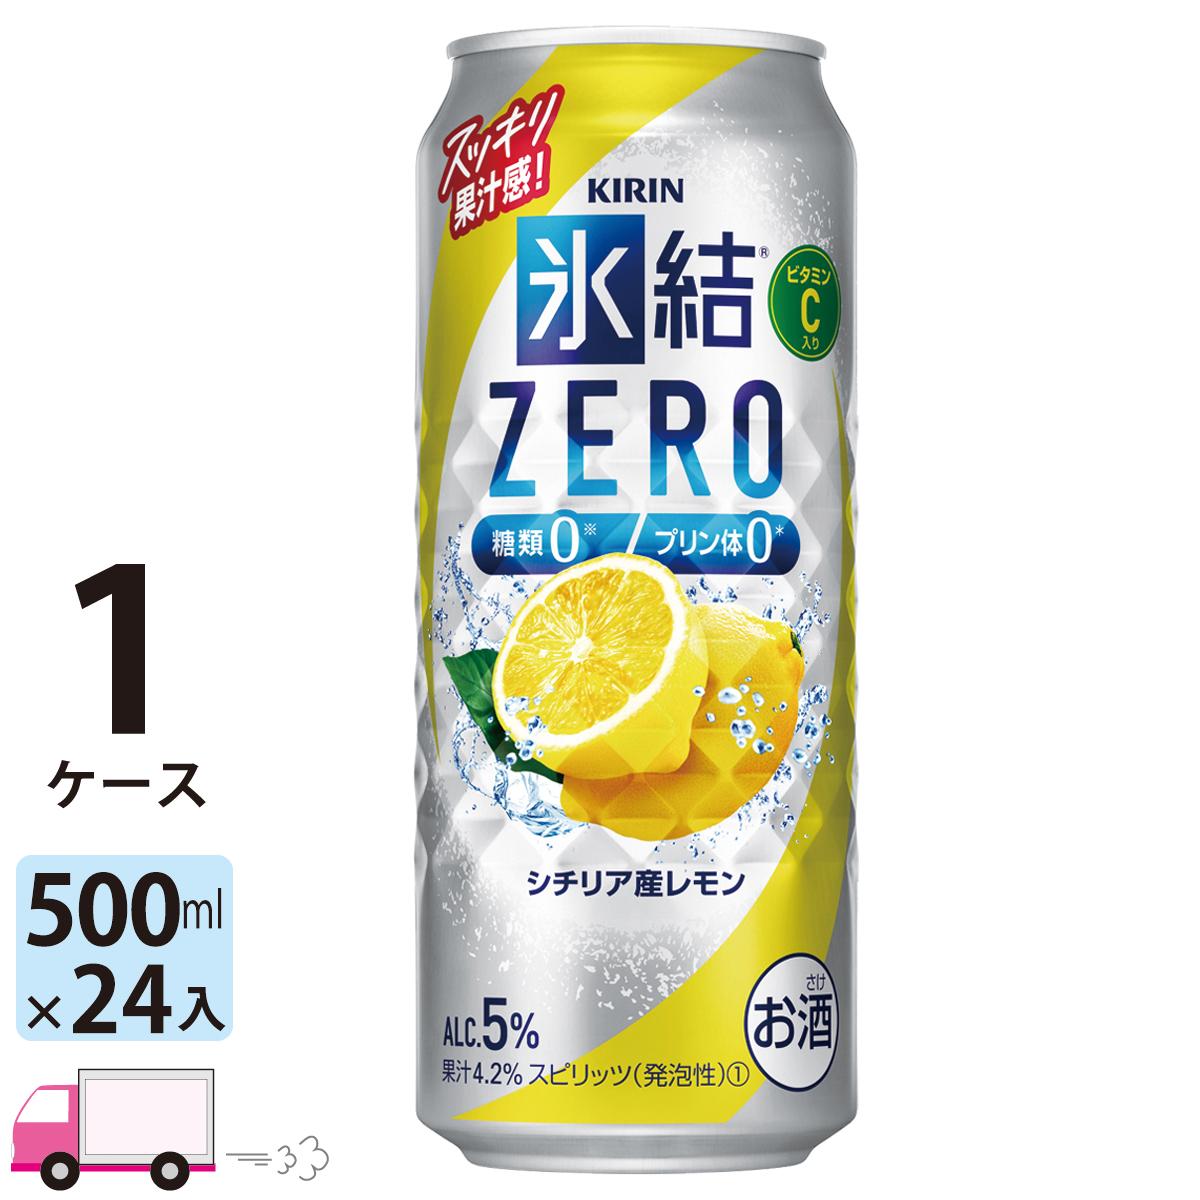 シチリア産レモンの氷結ストレート果汁を主に使用した クリアで爽快なおいしさ 激安卸販売新品 送料無料 キリン 在庫一掃売り切りセール 500ml缶×1ケース 氷結ZERO 24本入り シチリア産レモン